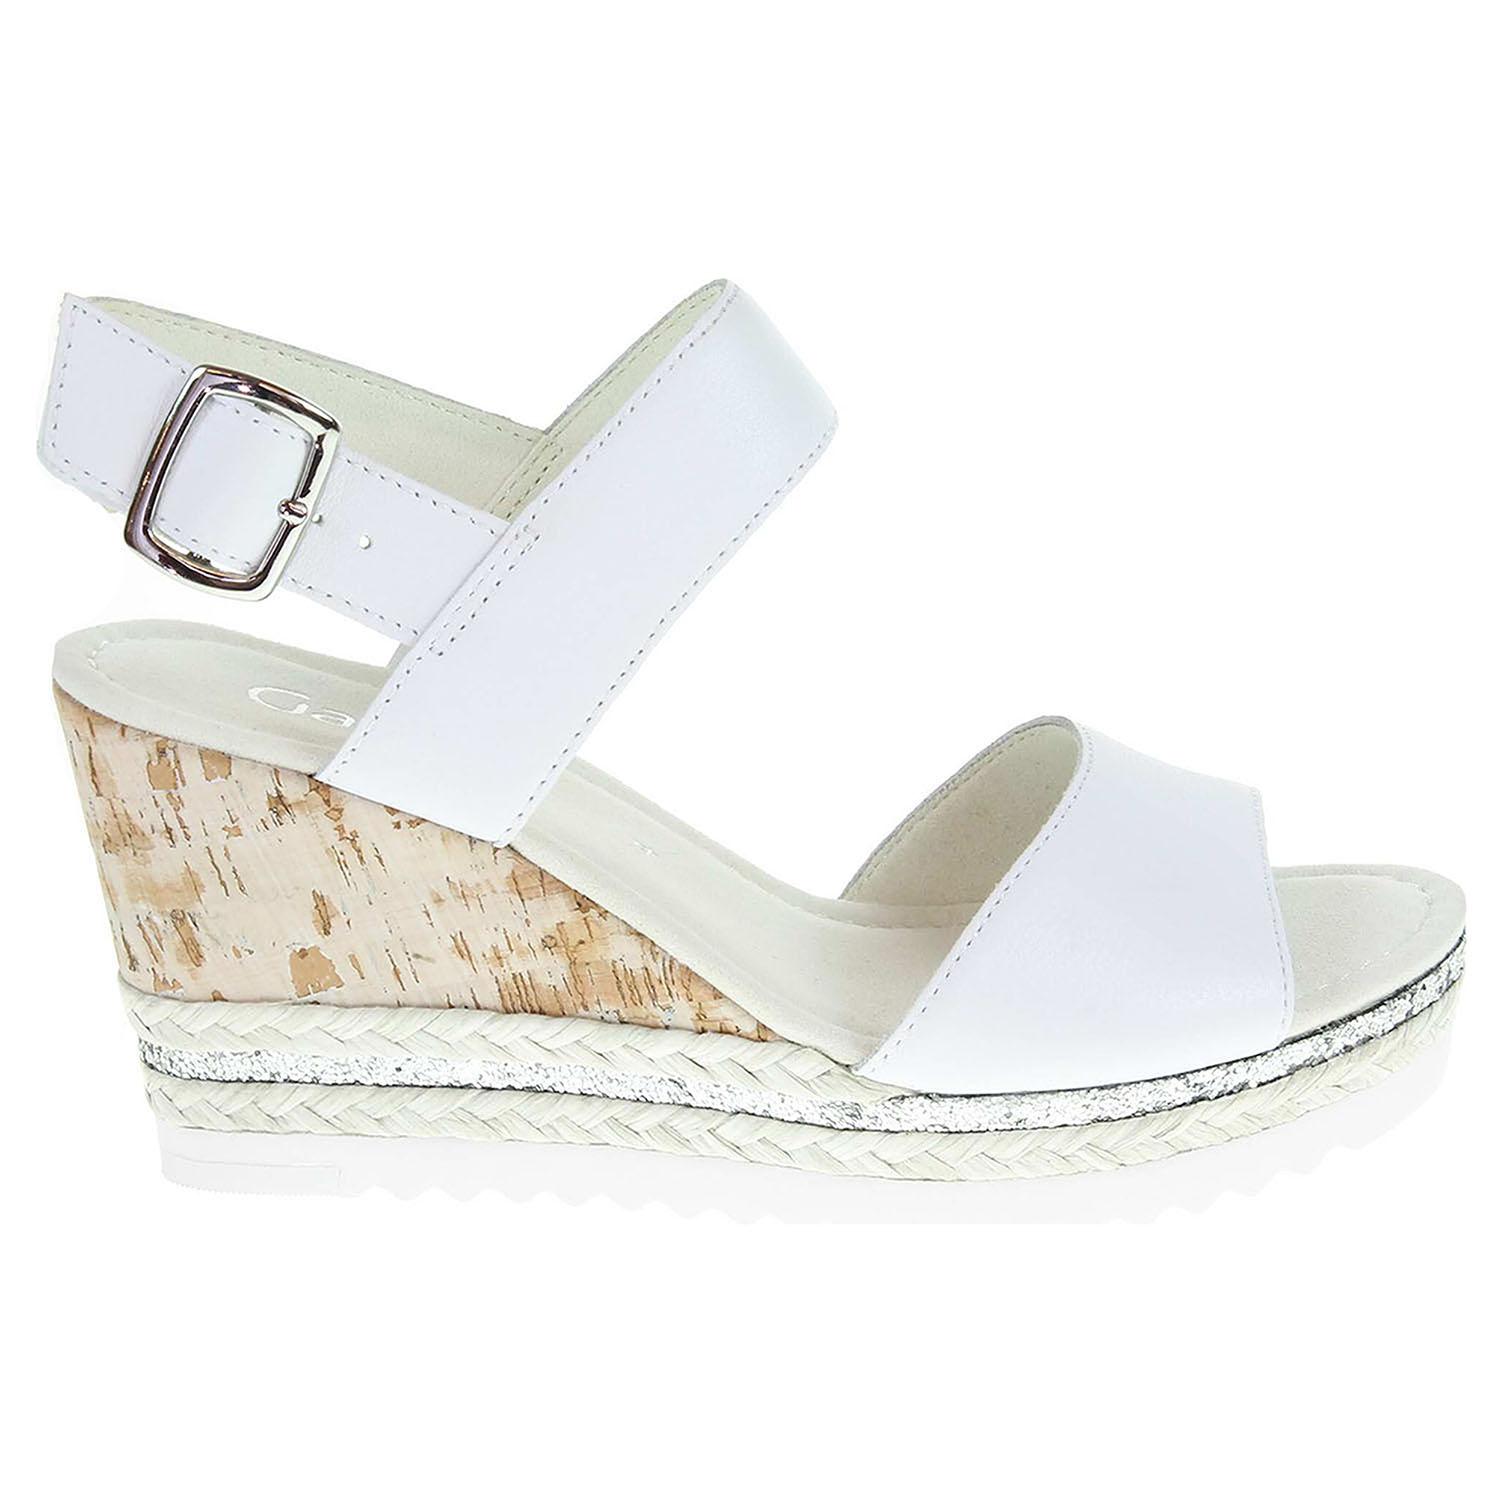 Ecco Gabor dámské sandály 65.790.50 bílé 23801109